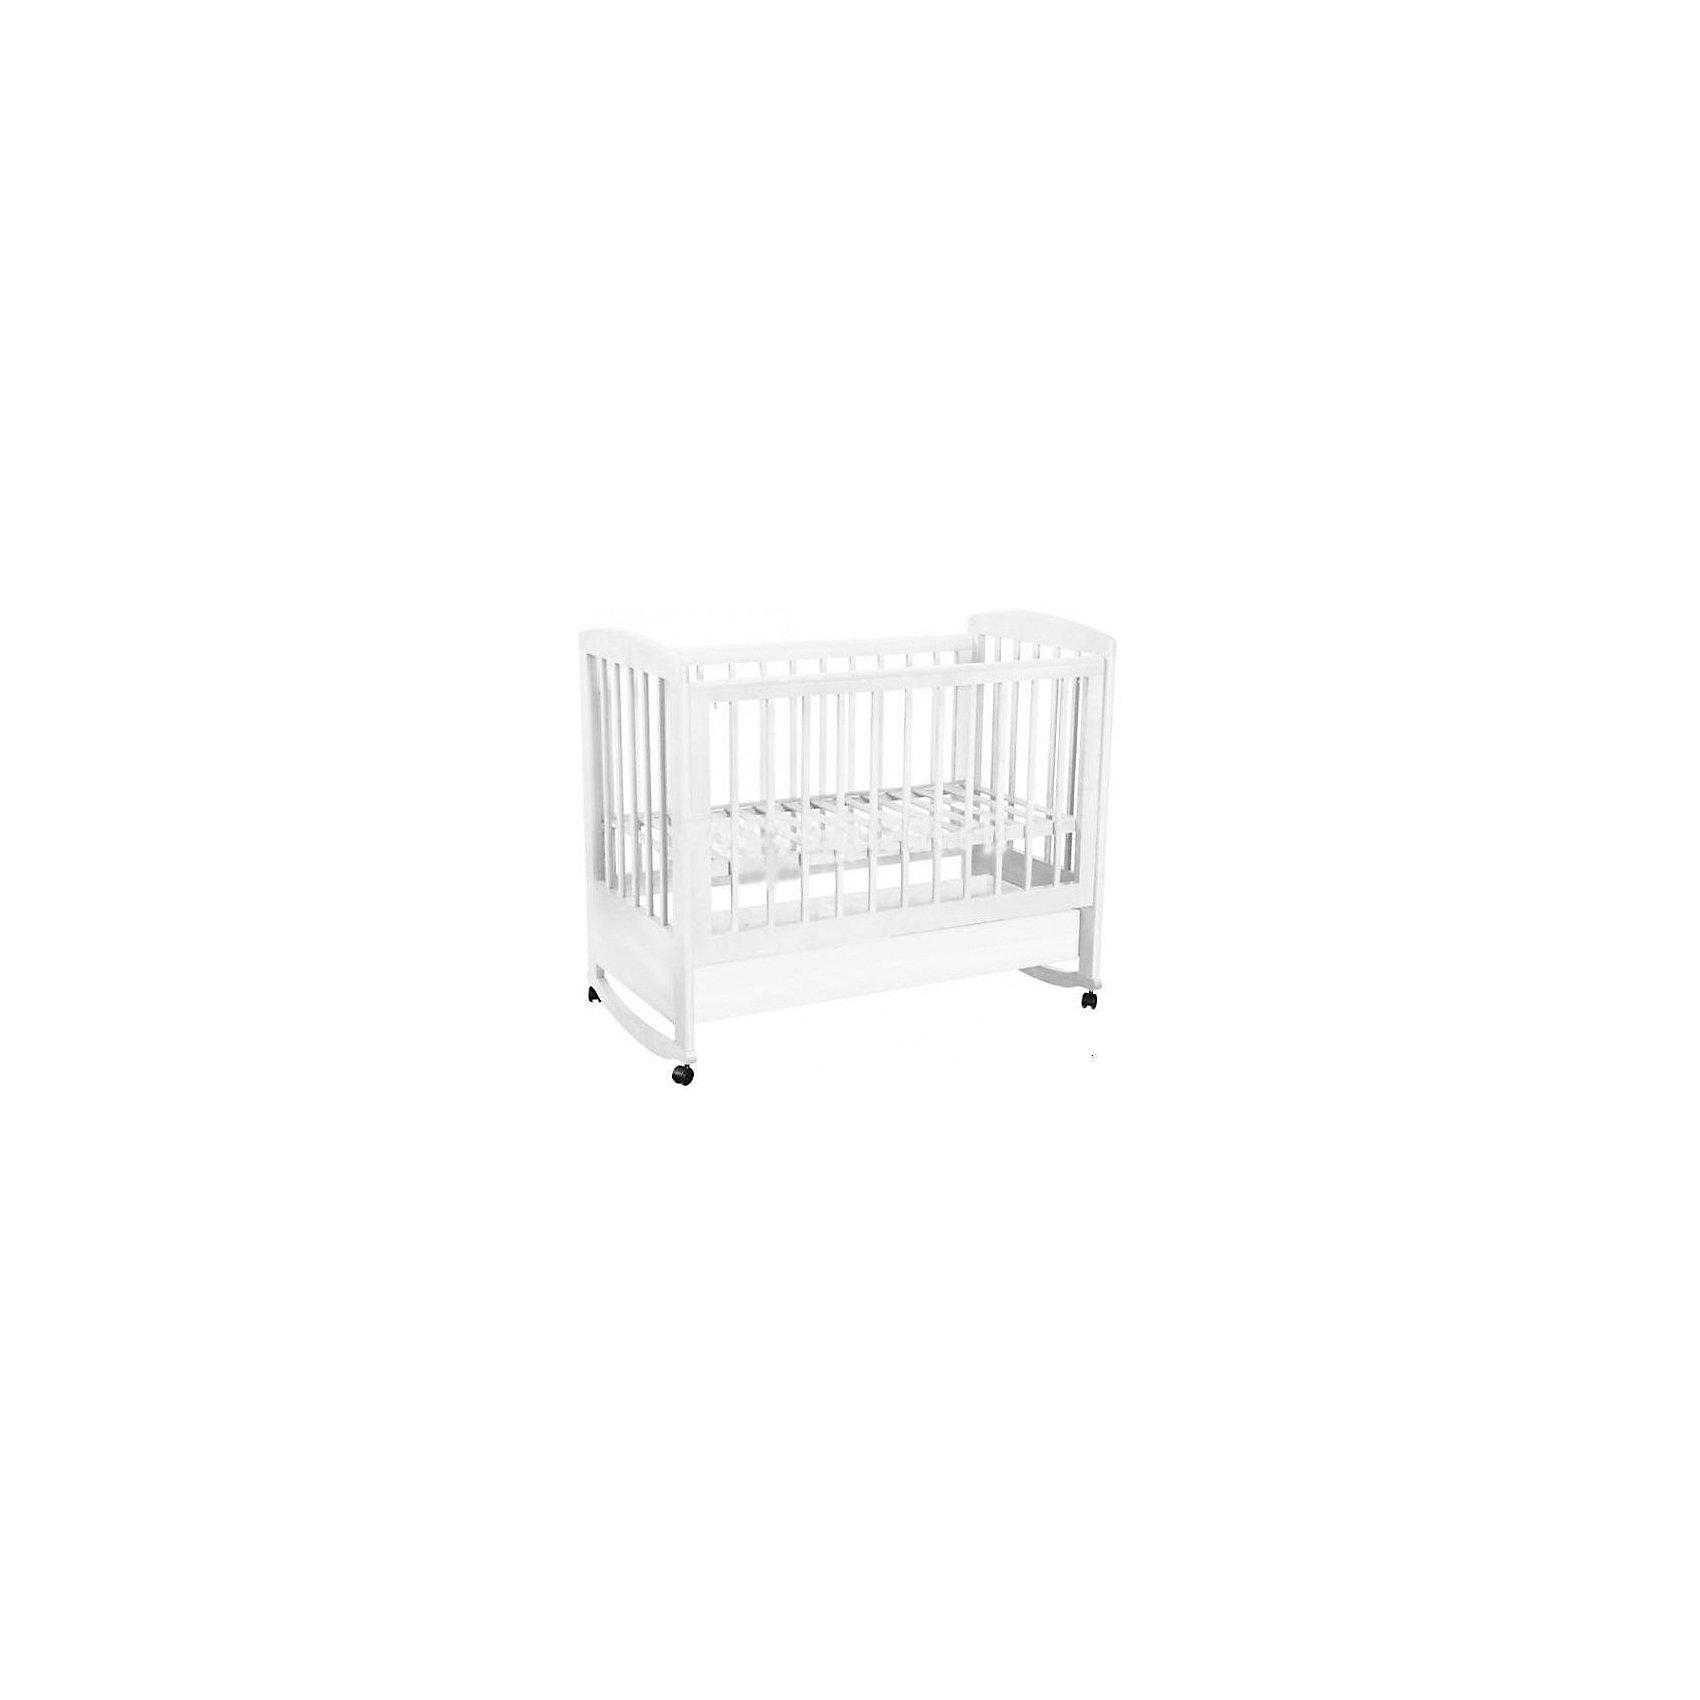 Кроватка 603, Фея, белыйКроватки<br>Хорошая детская мебель всегда отличается от взрослой, так как производится с учетом потребностей малышей. Данная кроватка обеспечит удобство и ребенку и маме - она имеет удобный механизм опускания передней планки и колесики, с помощью которых кроватку можно перемещать.<br>В этой модели также есть удобный ящик и качалка. Кроватка сделана из качественного дерева, покрытого лаком. Цвет - приятный и универсальный, подойдет практически для любого интерьера. Все материалы тщательно подобраны специалистами и безопасны для детей.<br><br>Дополнительная информация:<br><br>цвет: белый;<br>материал: береза, лак;<br>передняя планка удобно опускается;<br>выдвижной ящик;<br>ложе имеет 2 положения;<br>колёсики;<br>накладки ПВХ;<br>ортопедической основание;<br>размер:  128 х 76 х103,8 см ;<br>ложе: 60 на 120 см;<br>вес: 27 кг.<br><br>Кроватку 603 торговой марки Фея можно купить в нашем магазине.<br><br>Ширина мм: 1280<br>Глубина мм: 696<br>Высота мм: 1030<br>Вес г: 28150<br>Возраст от месяцев: 0<br>Возраст до месяцев: 36<br>Пол: Унисекс<br>Возраст: Детский<br>SKU: 4873621